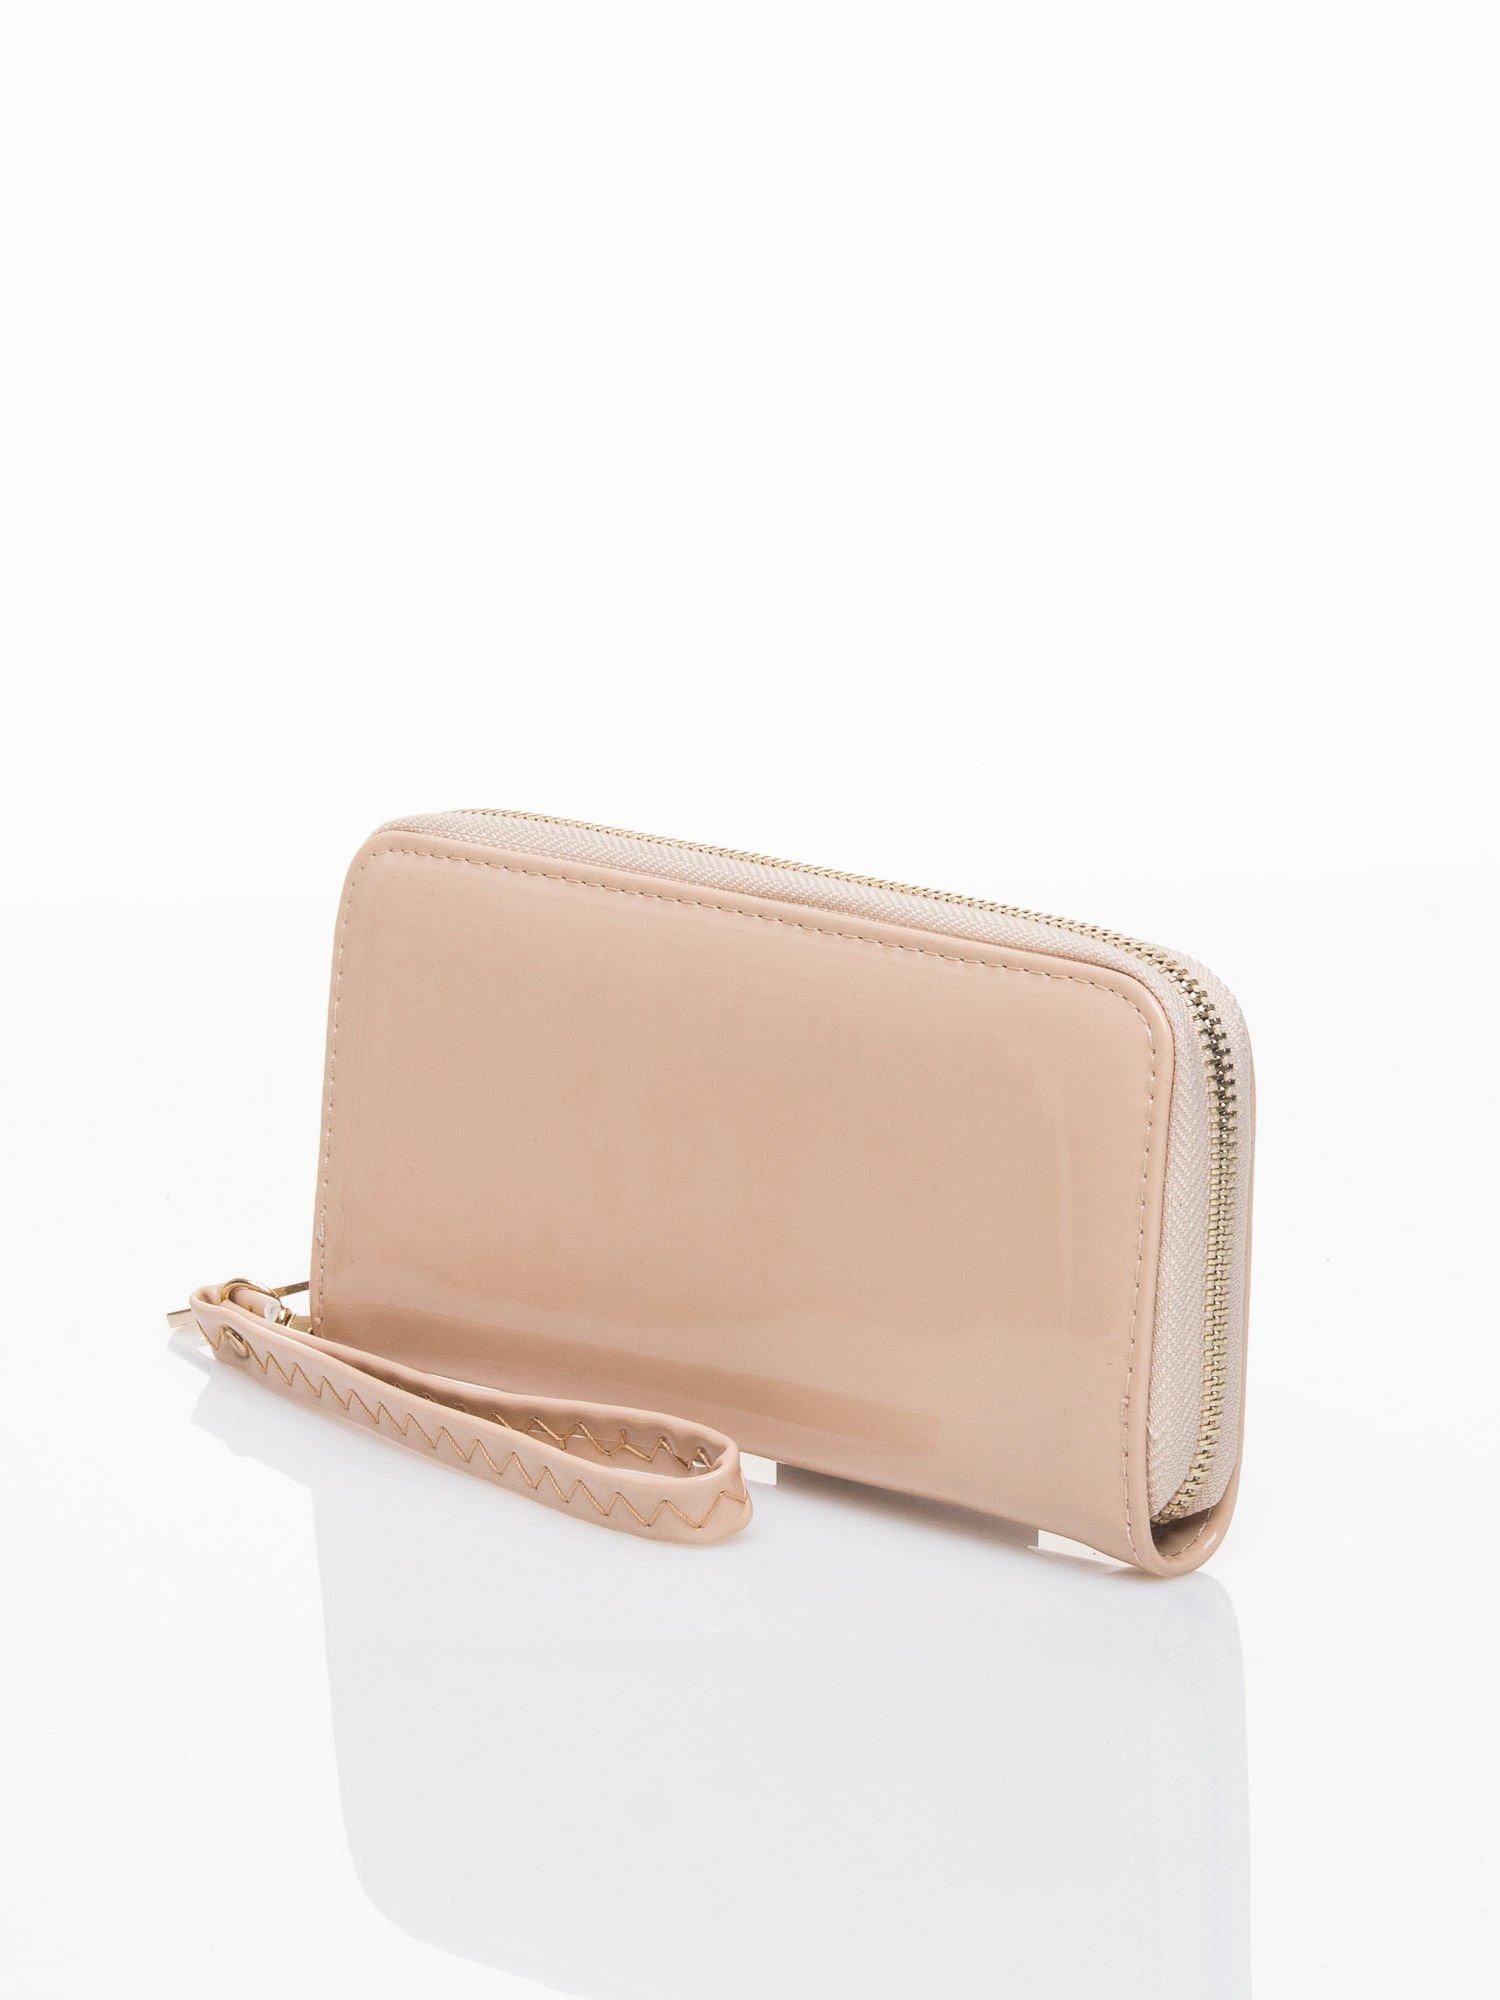 Kremowy lakierowany portfel z rączką                                  zdj.                                  2